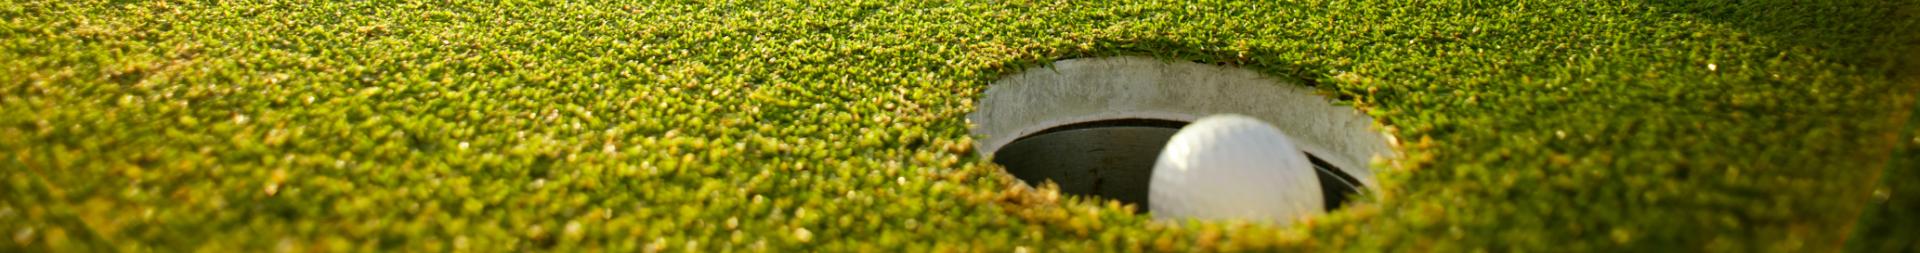 infinity-golf-kontakt-footer